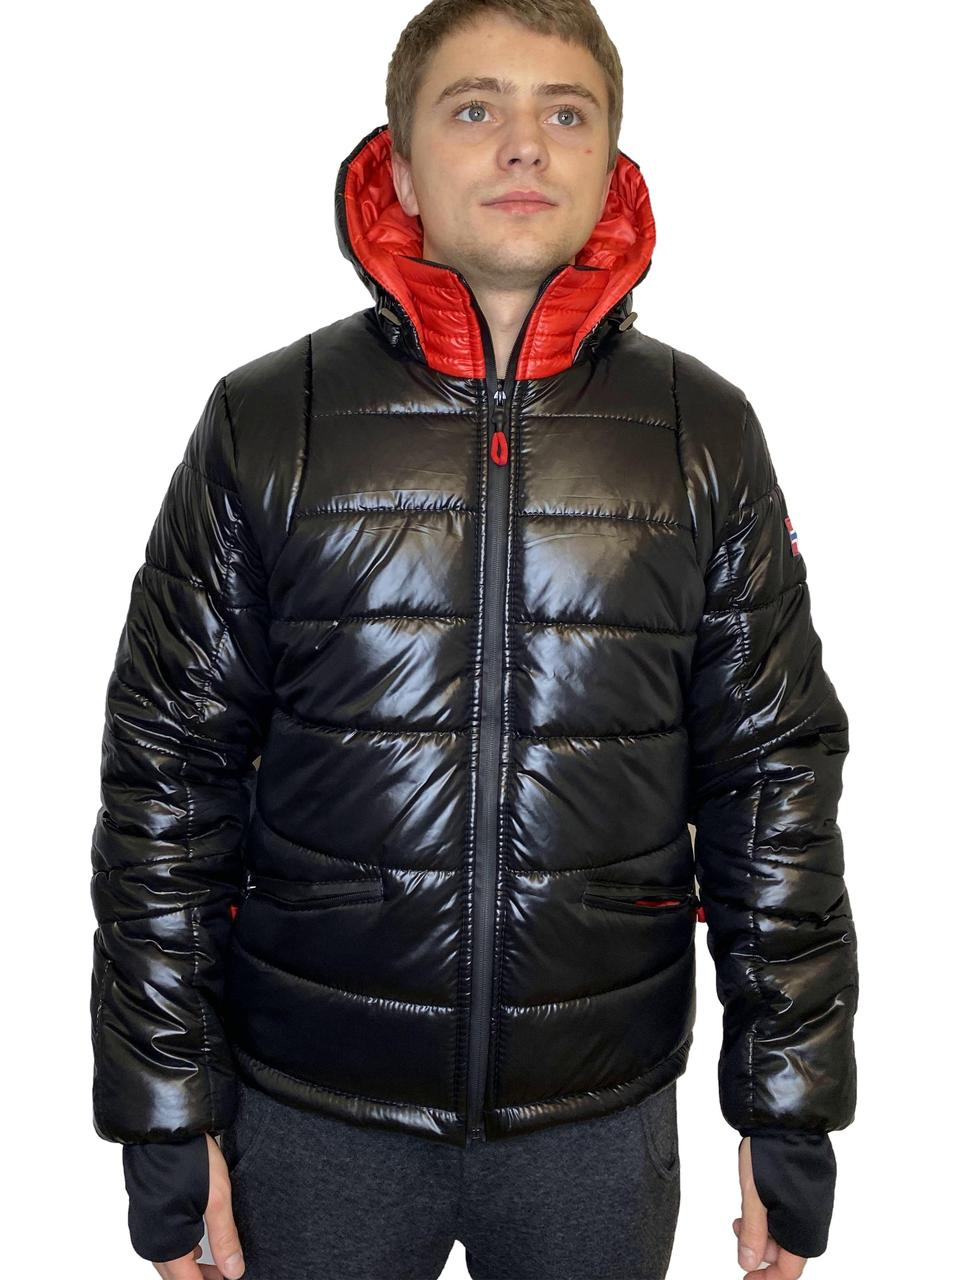 Куртка - пуховик зимняя мужская короткая из плащевки модель Тони